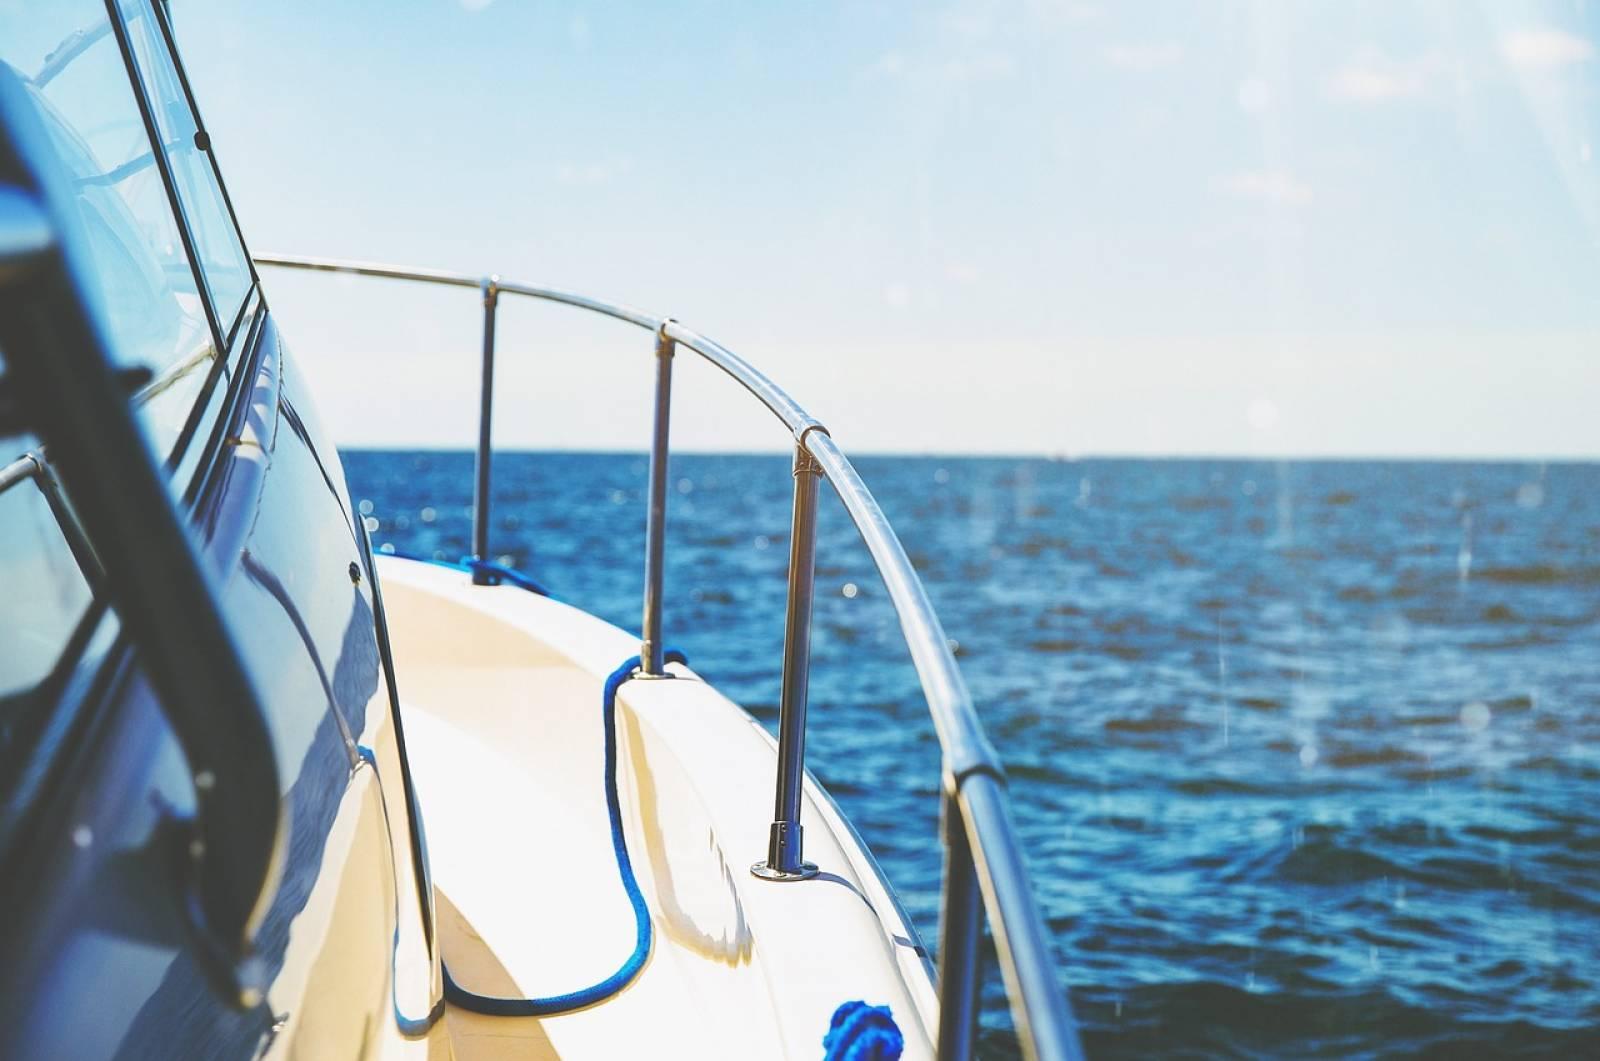 comment se d roule l 39 examen pratique pour le permis bateau formation rapide pour permis bateau. Black Bedroom Furniture Sets. Home Design Ideas